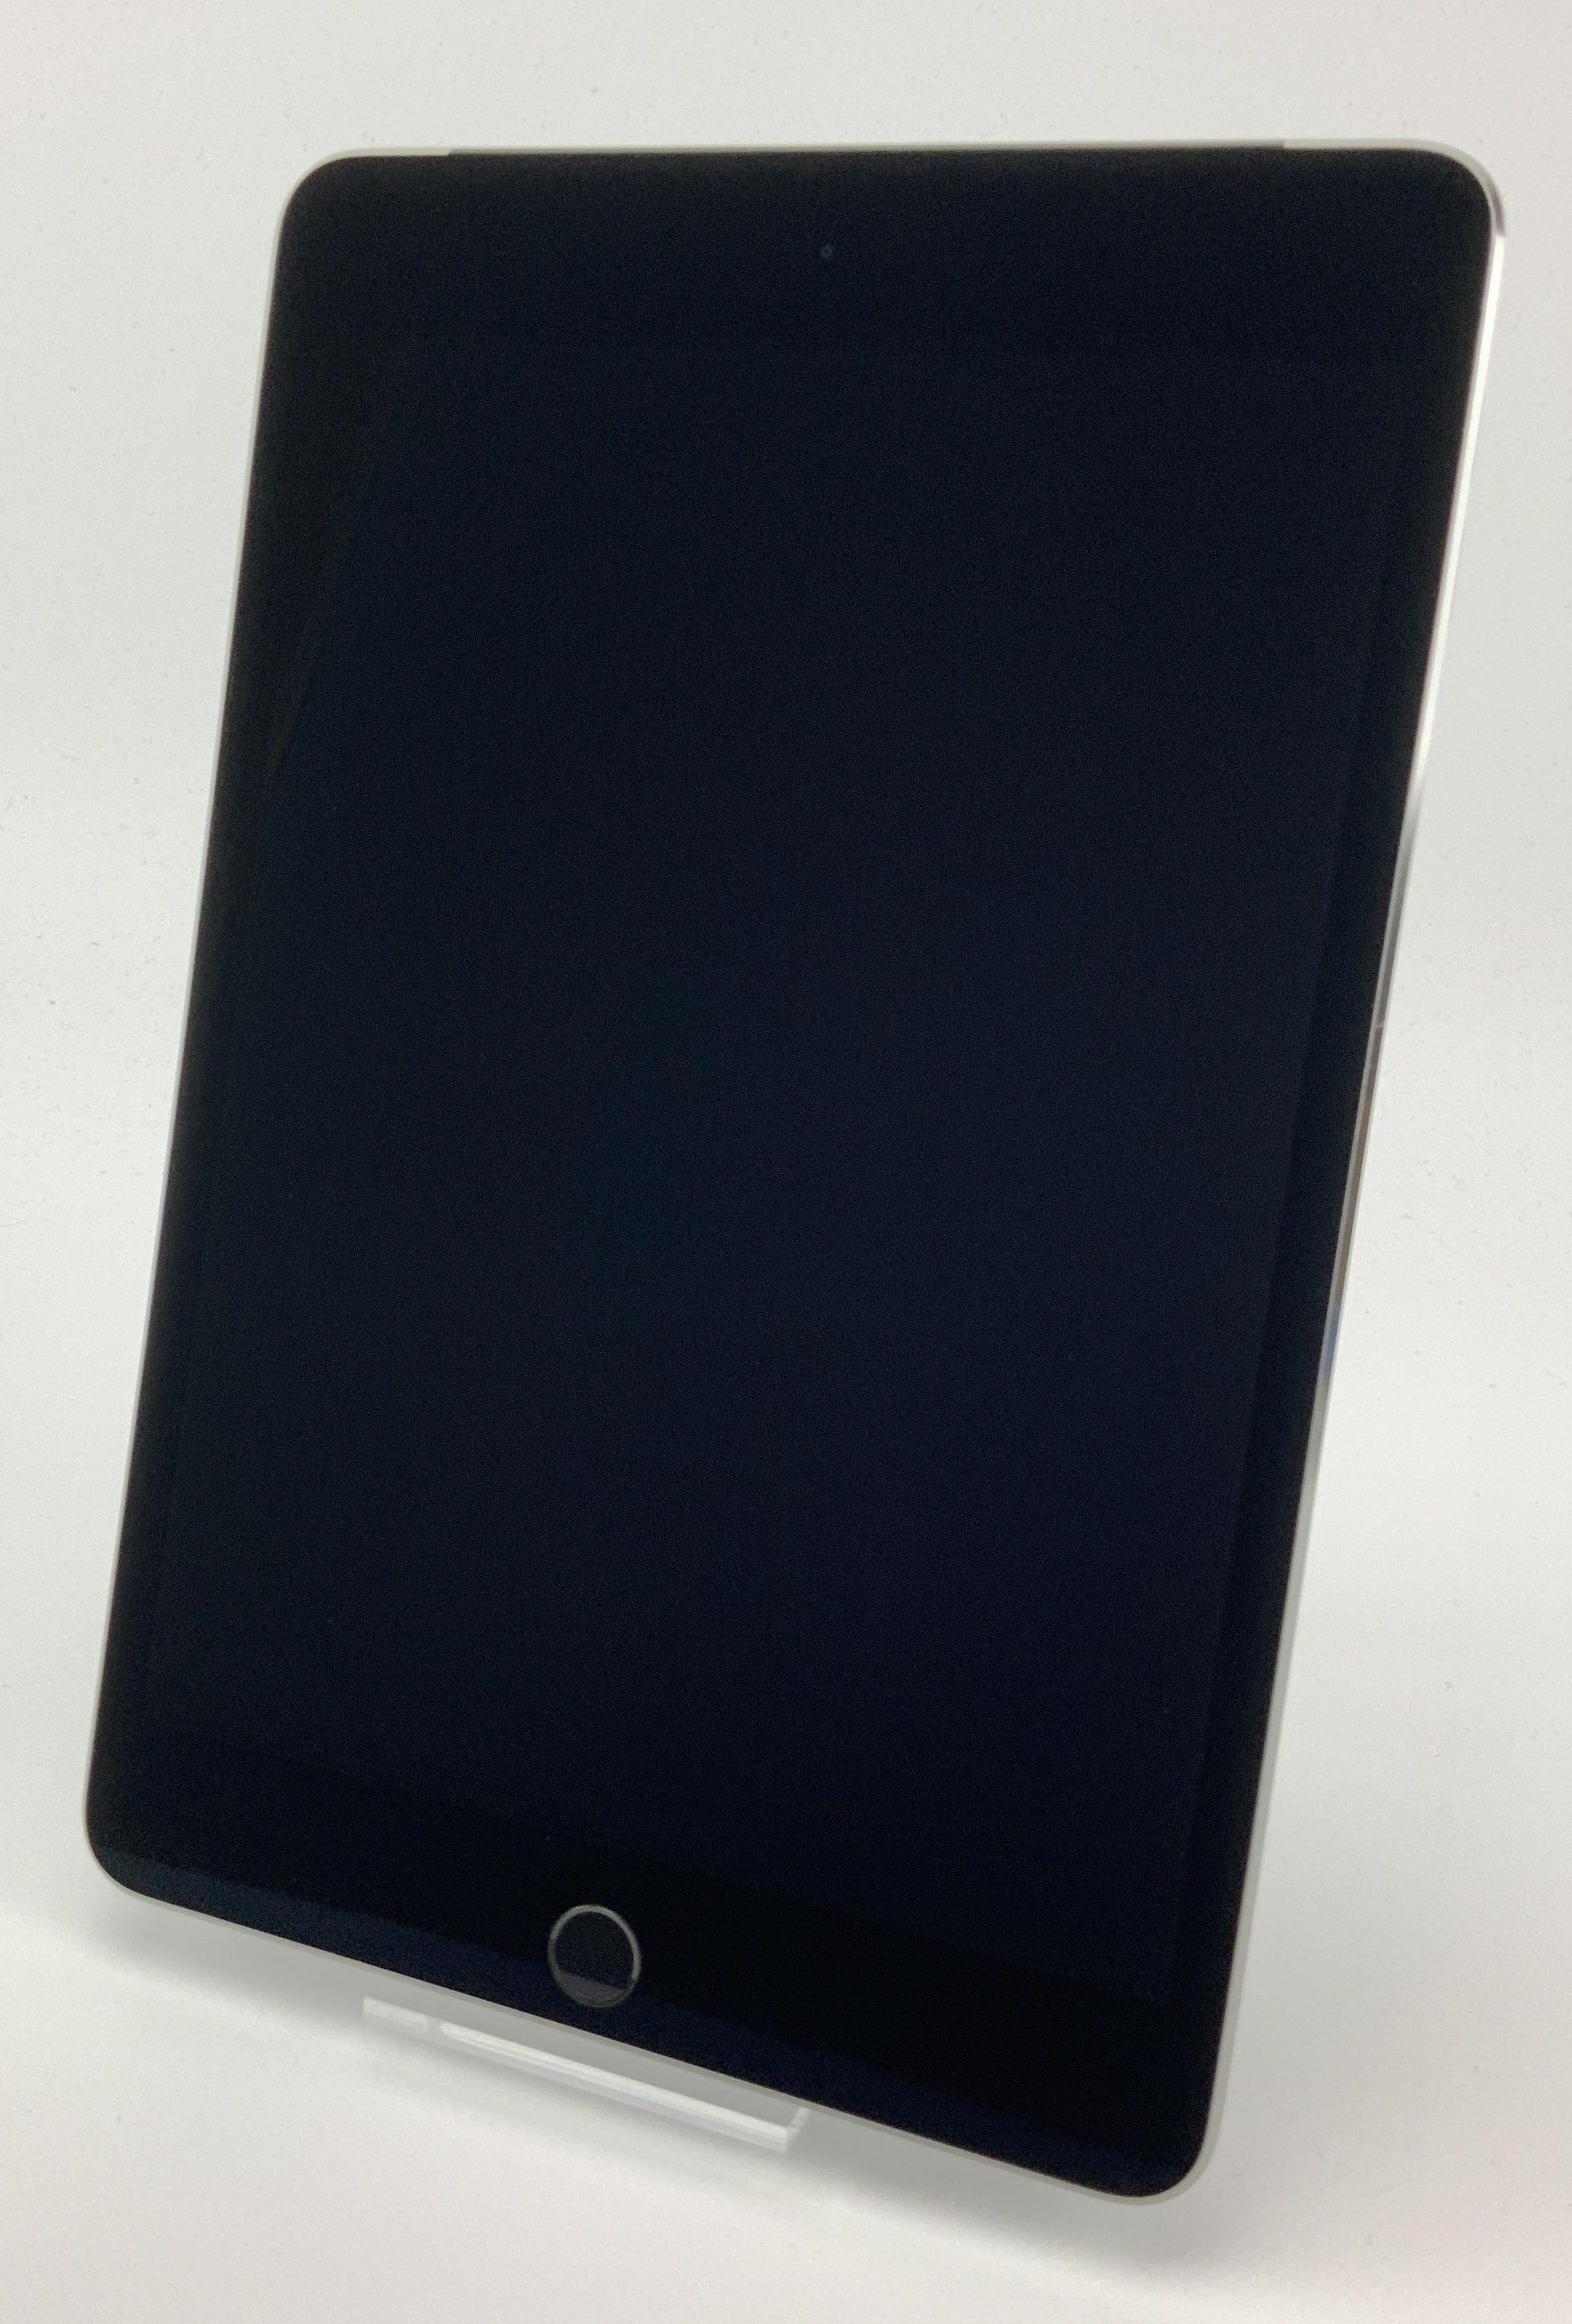 iPad mini 4 Wi-Fi + Cellular 128GB, 128GB, Space Gray, image 1